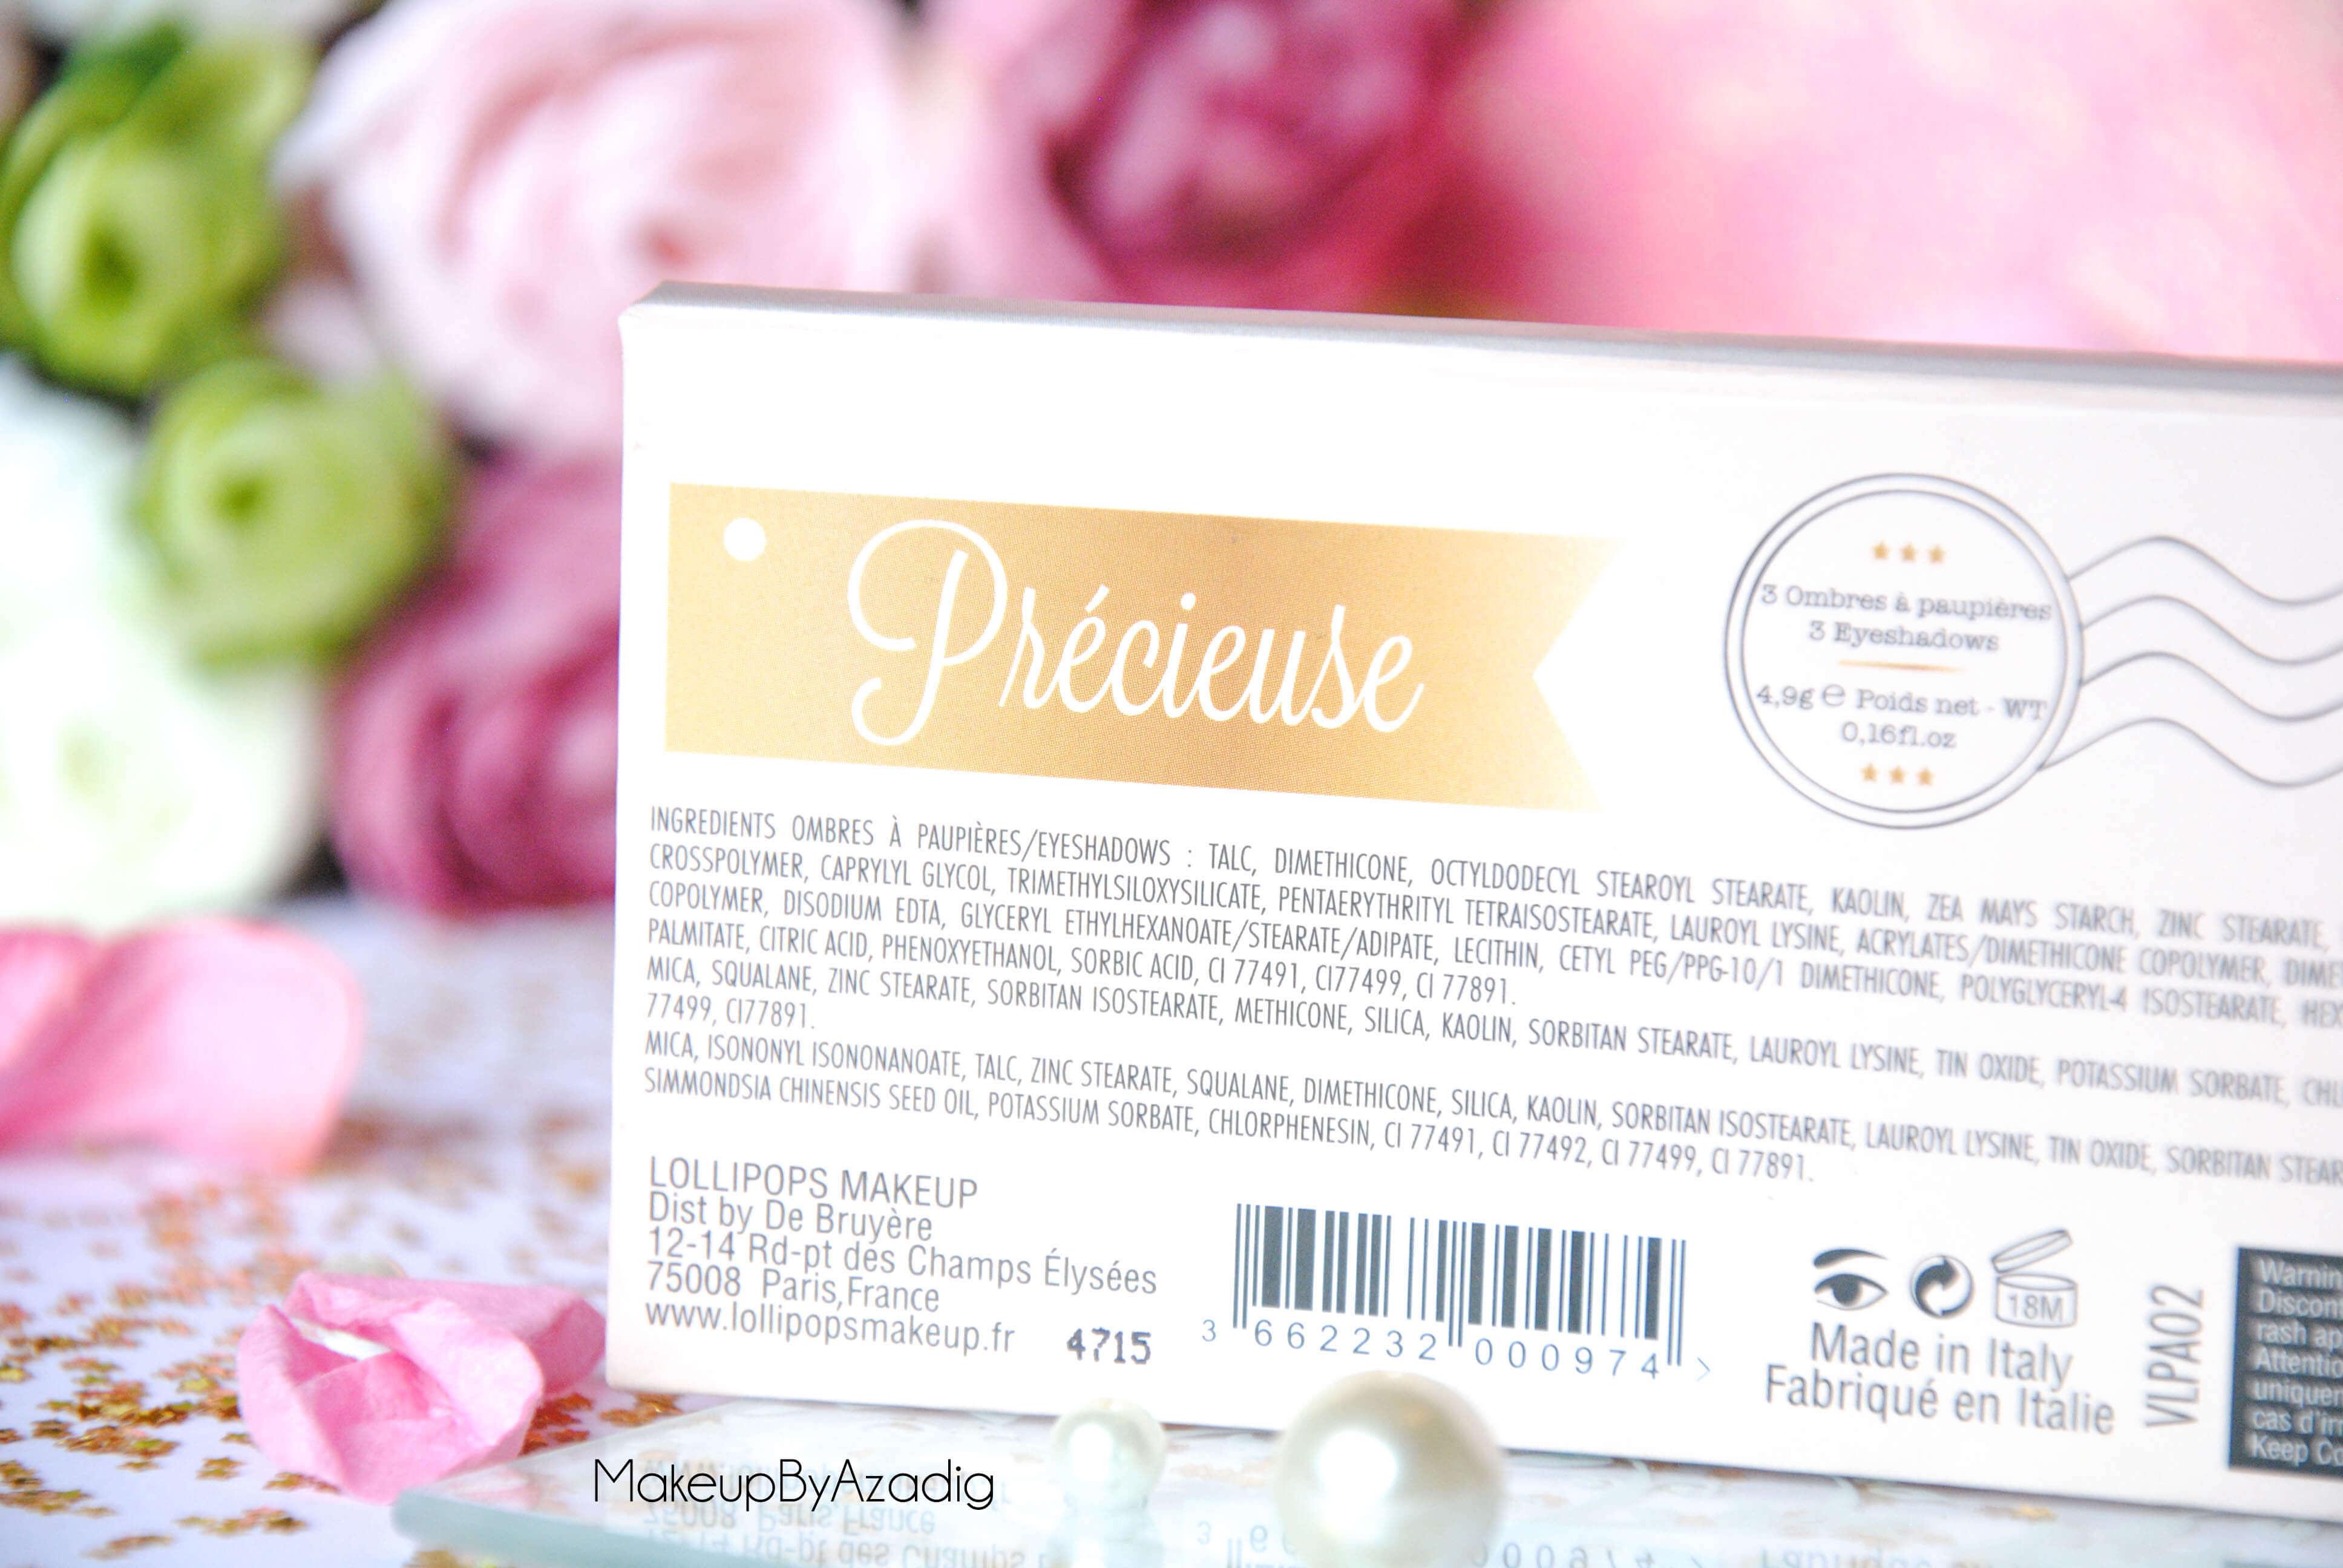 makeupbyazadig-palette-fards-paupieres-lollipops-paris-precieuse-monoprix-sephora-troyes-blog-revue-dos